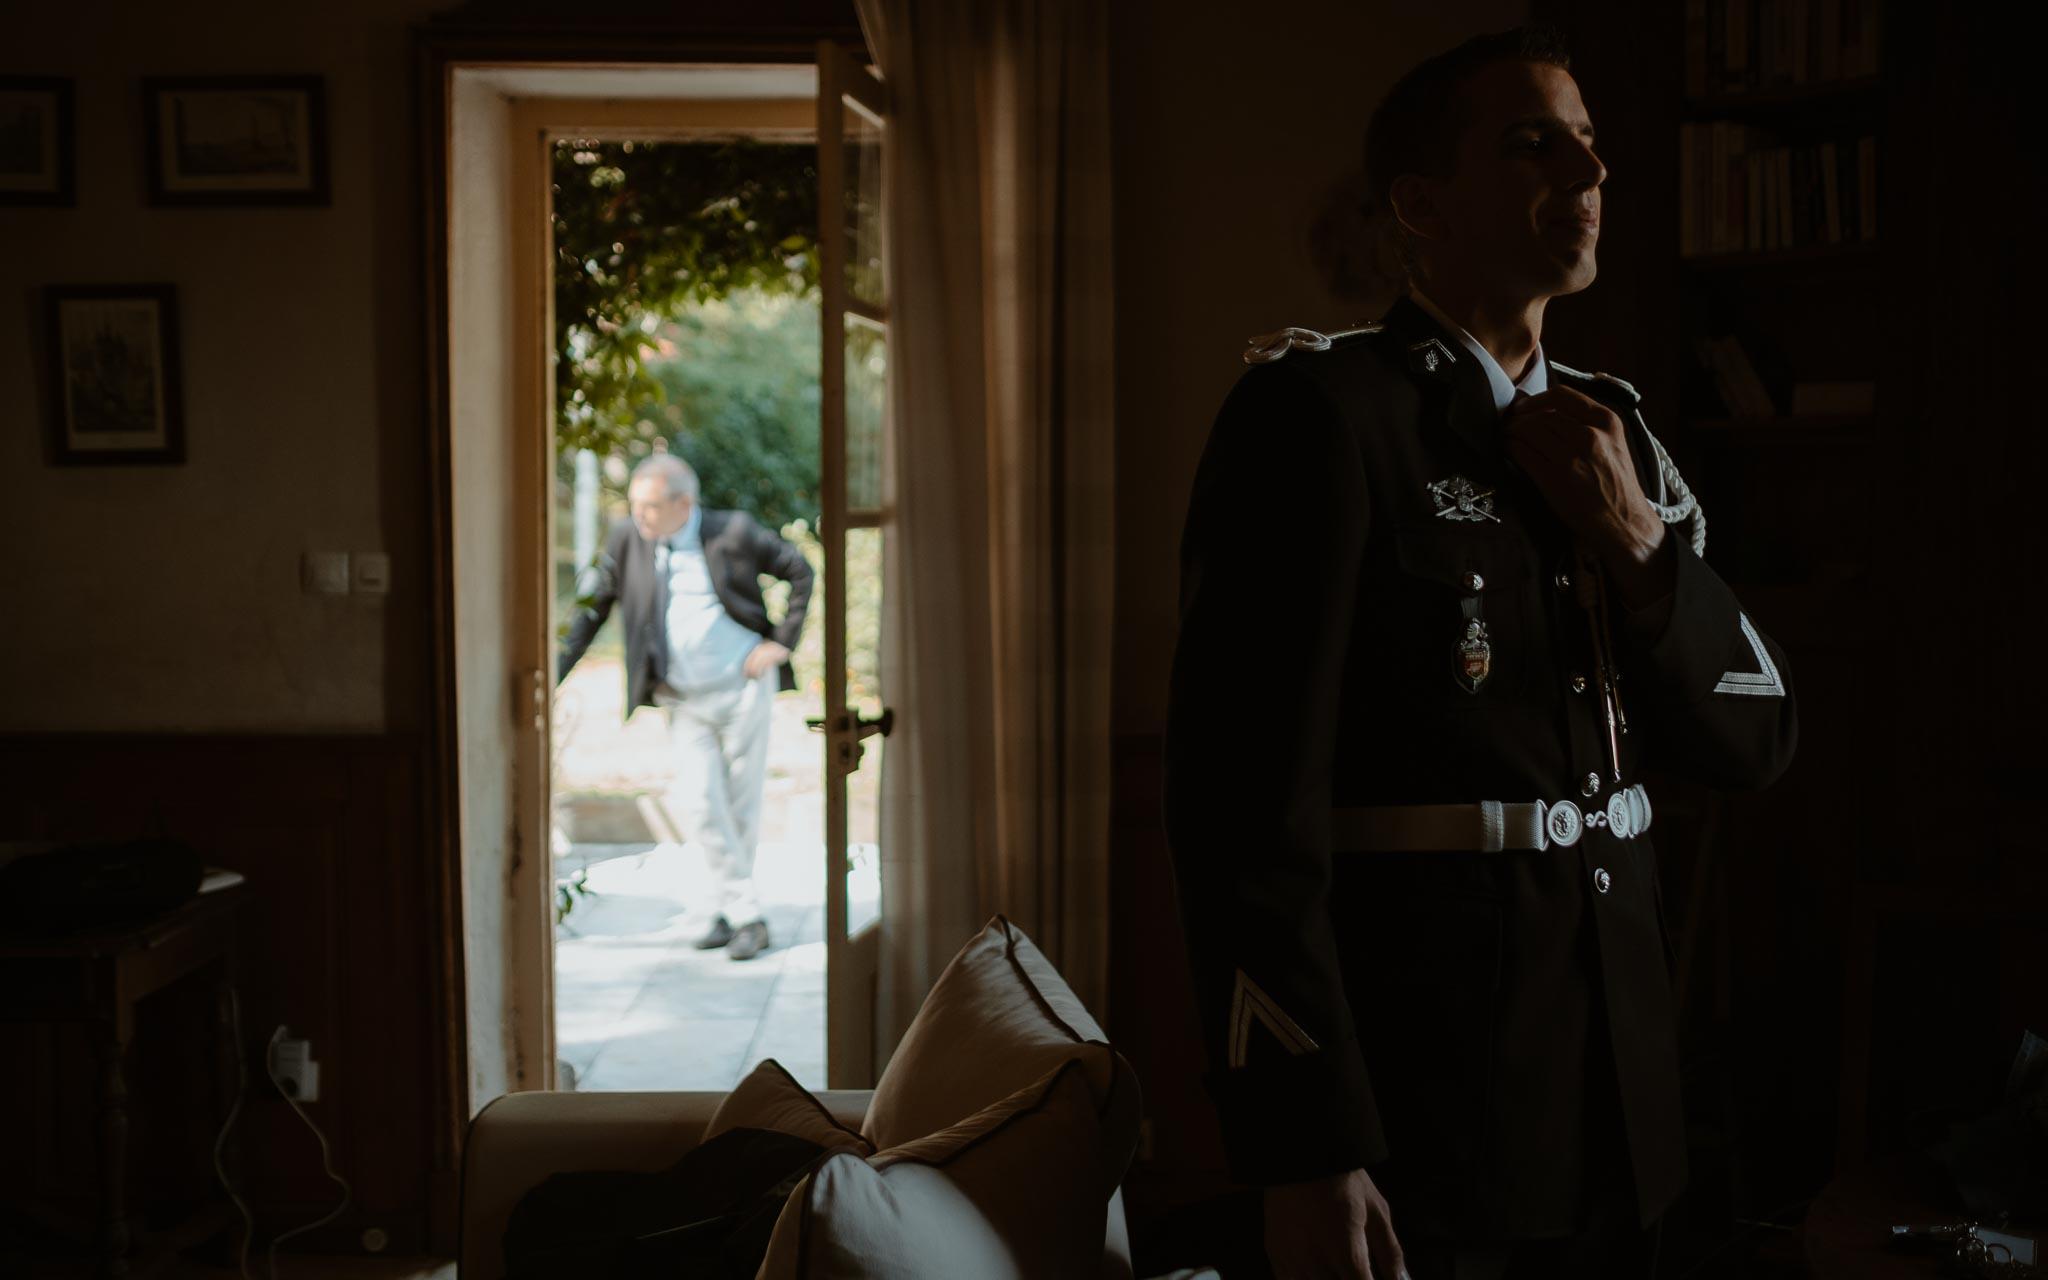 photographies d'une mariée chic et d'un gendarme à Angers et Durval